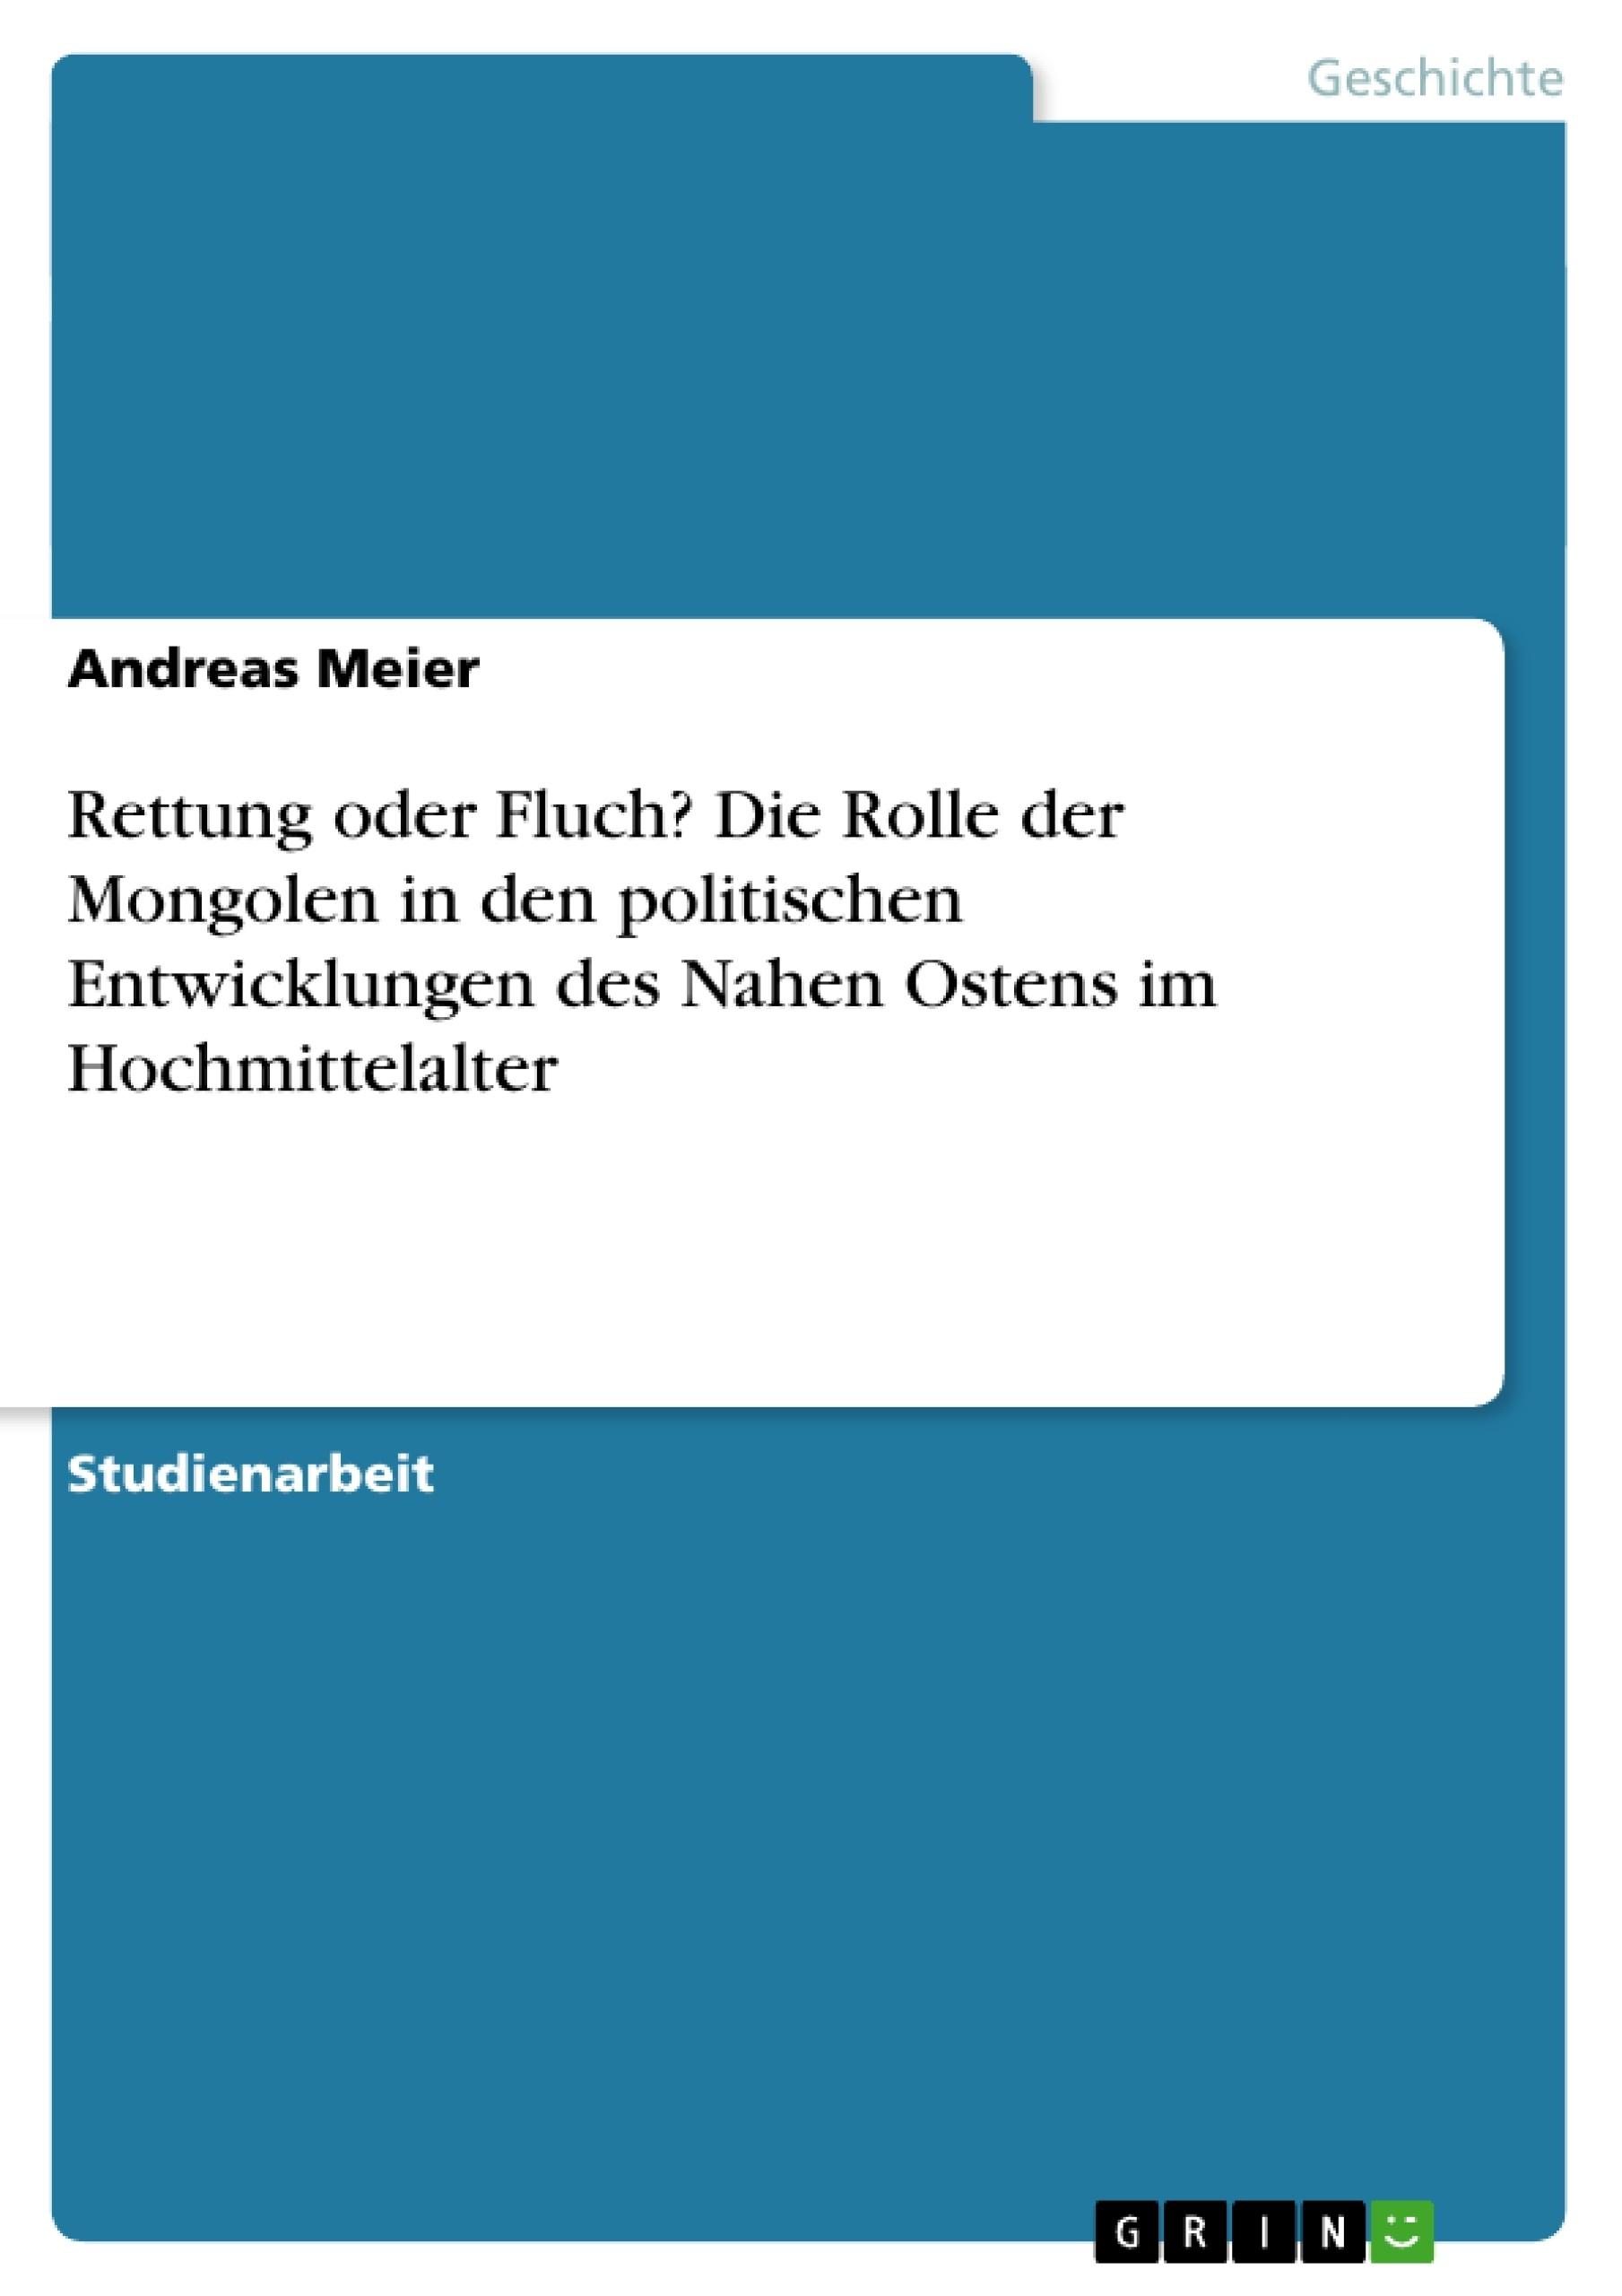 Titel: Rettung oder Fluch? Die Rolle der Mongolen in den politischen Entwicklungen des Nahen Ostens im Hochmittelalter